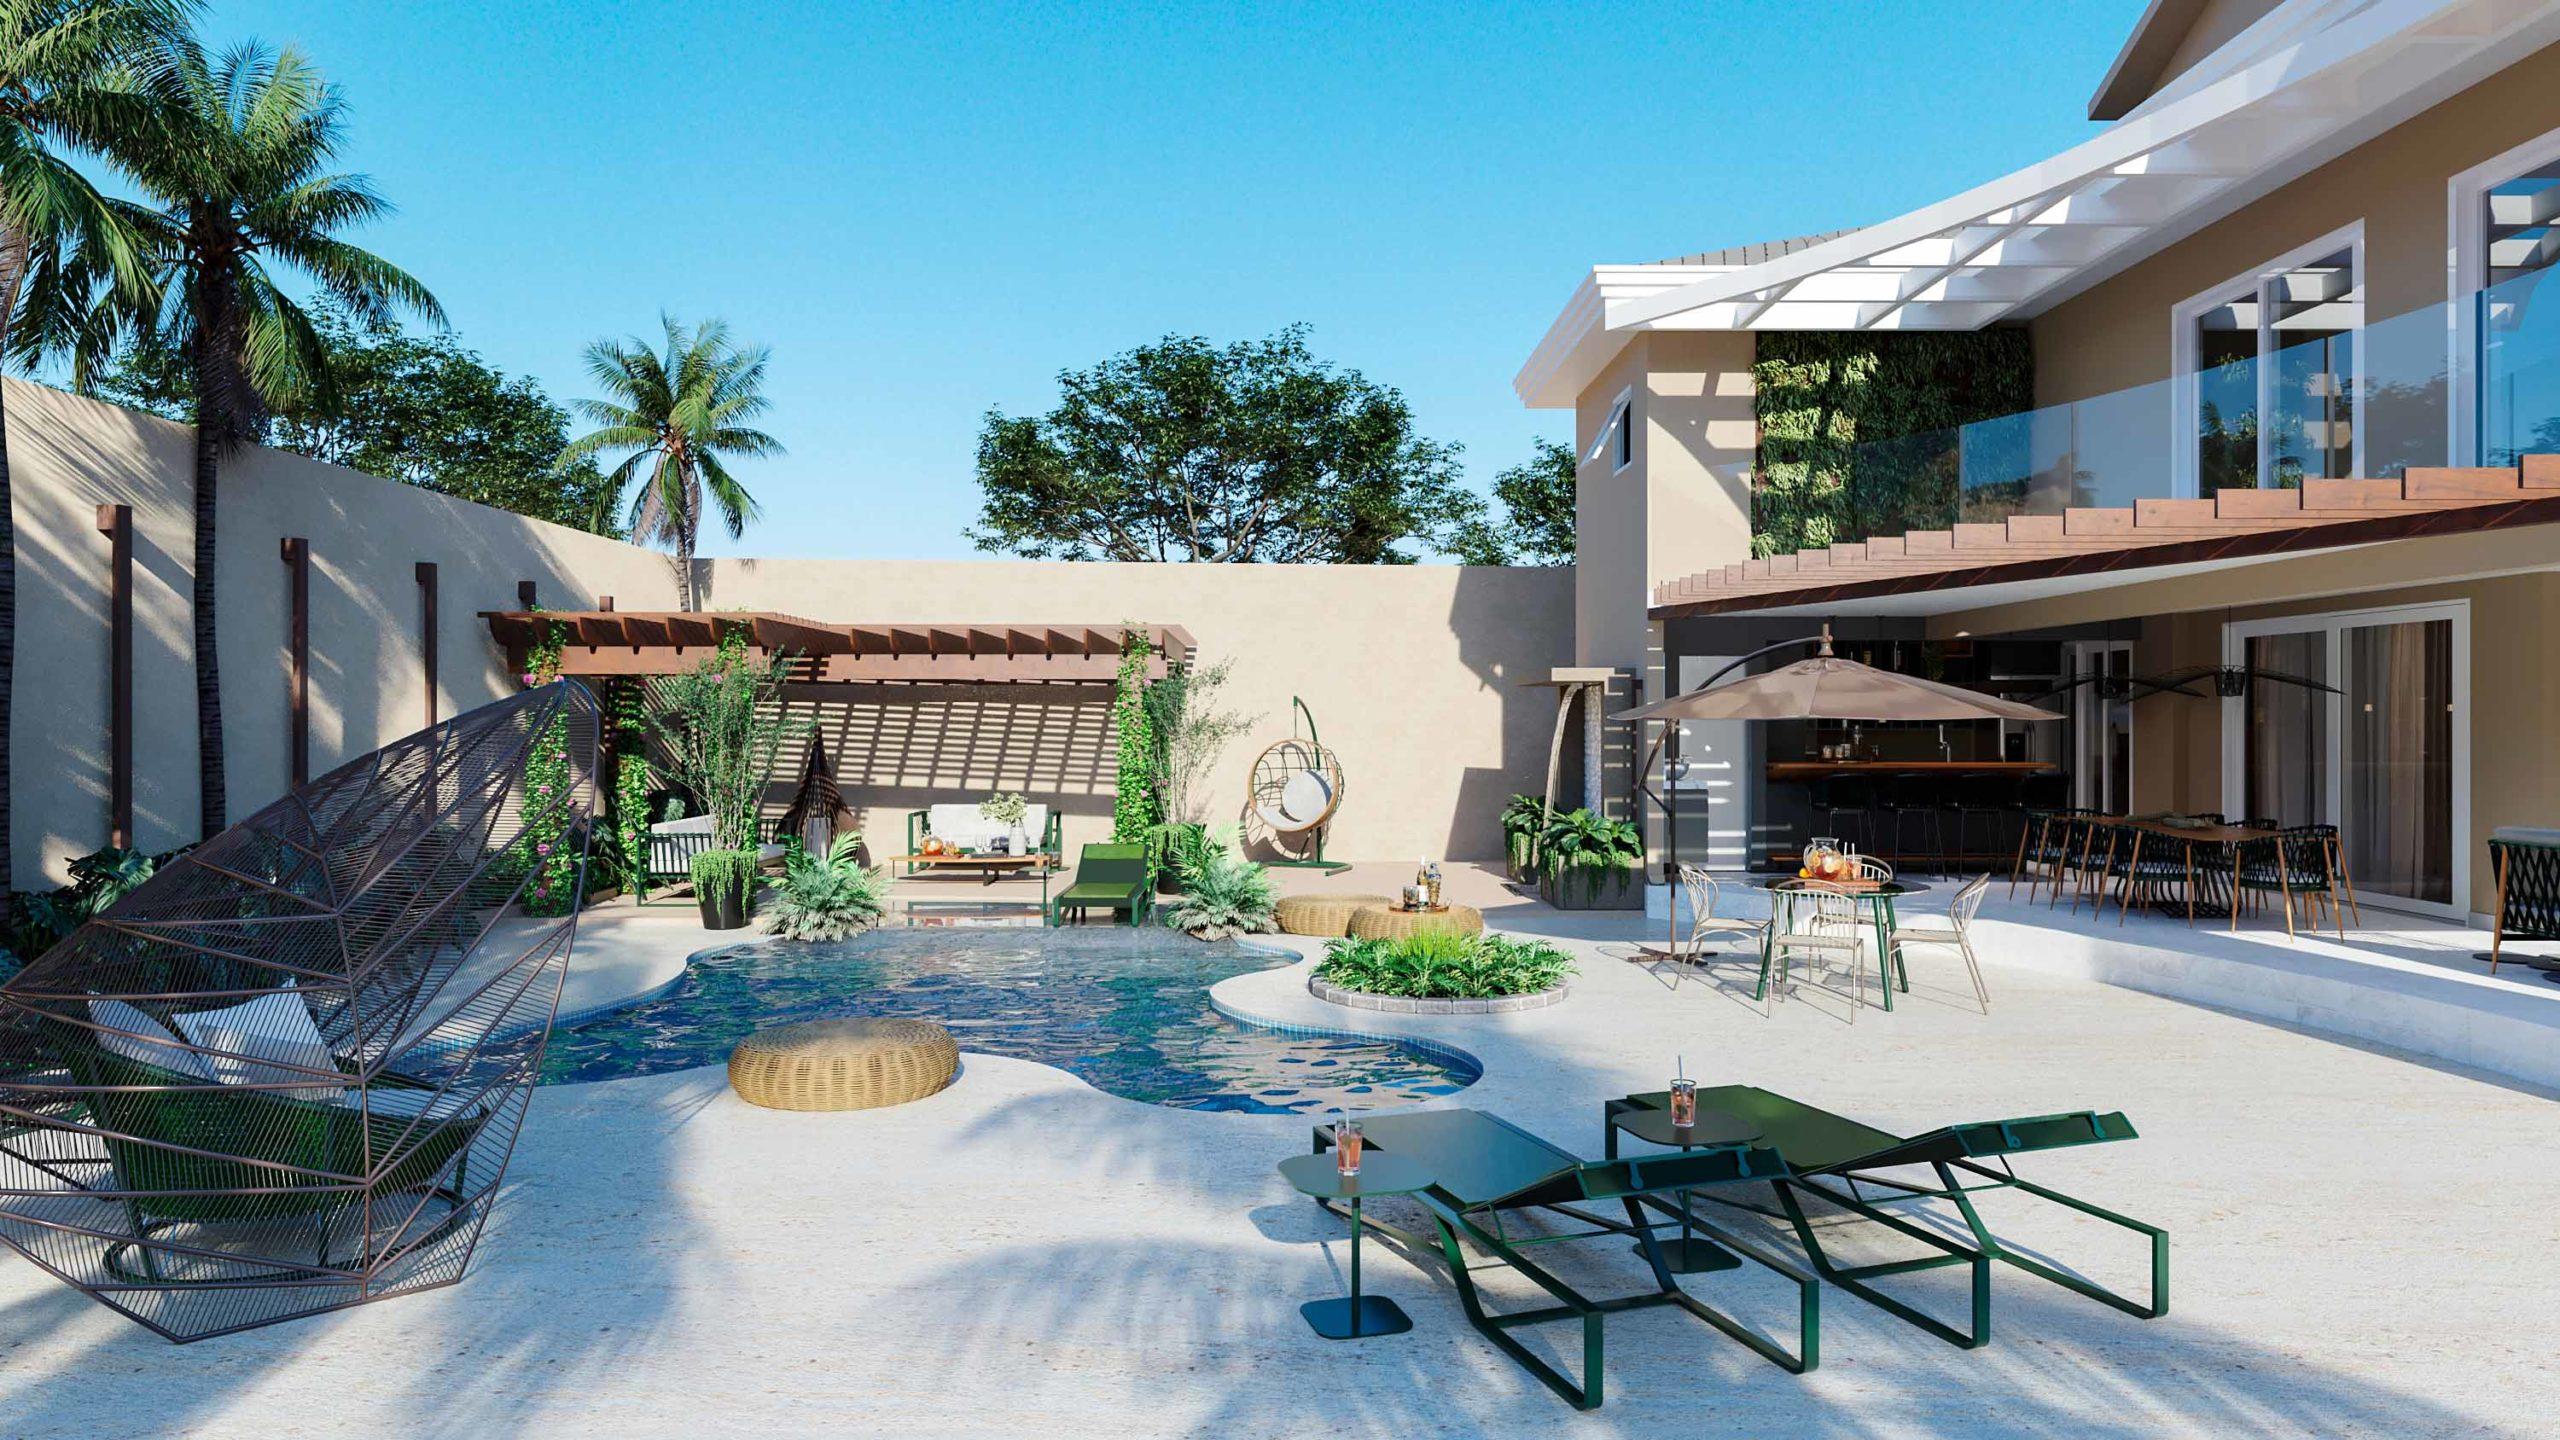 mostra inspire mais dw 2021 semana design sao paulo arquitetura decor interiores